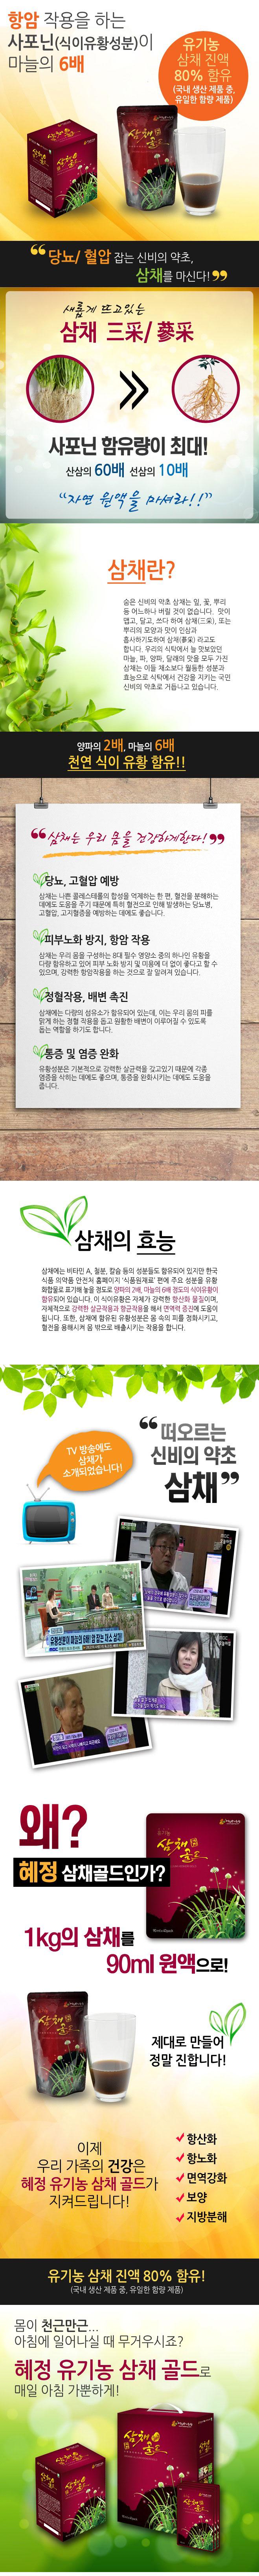 삼채골드-M